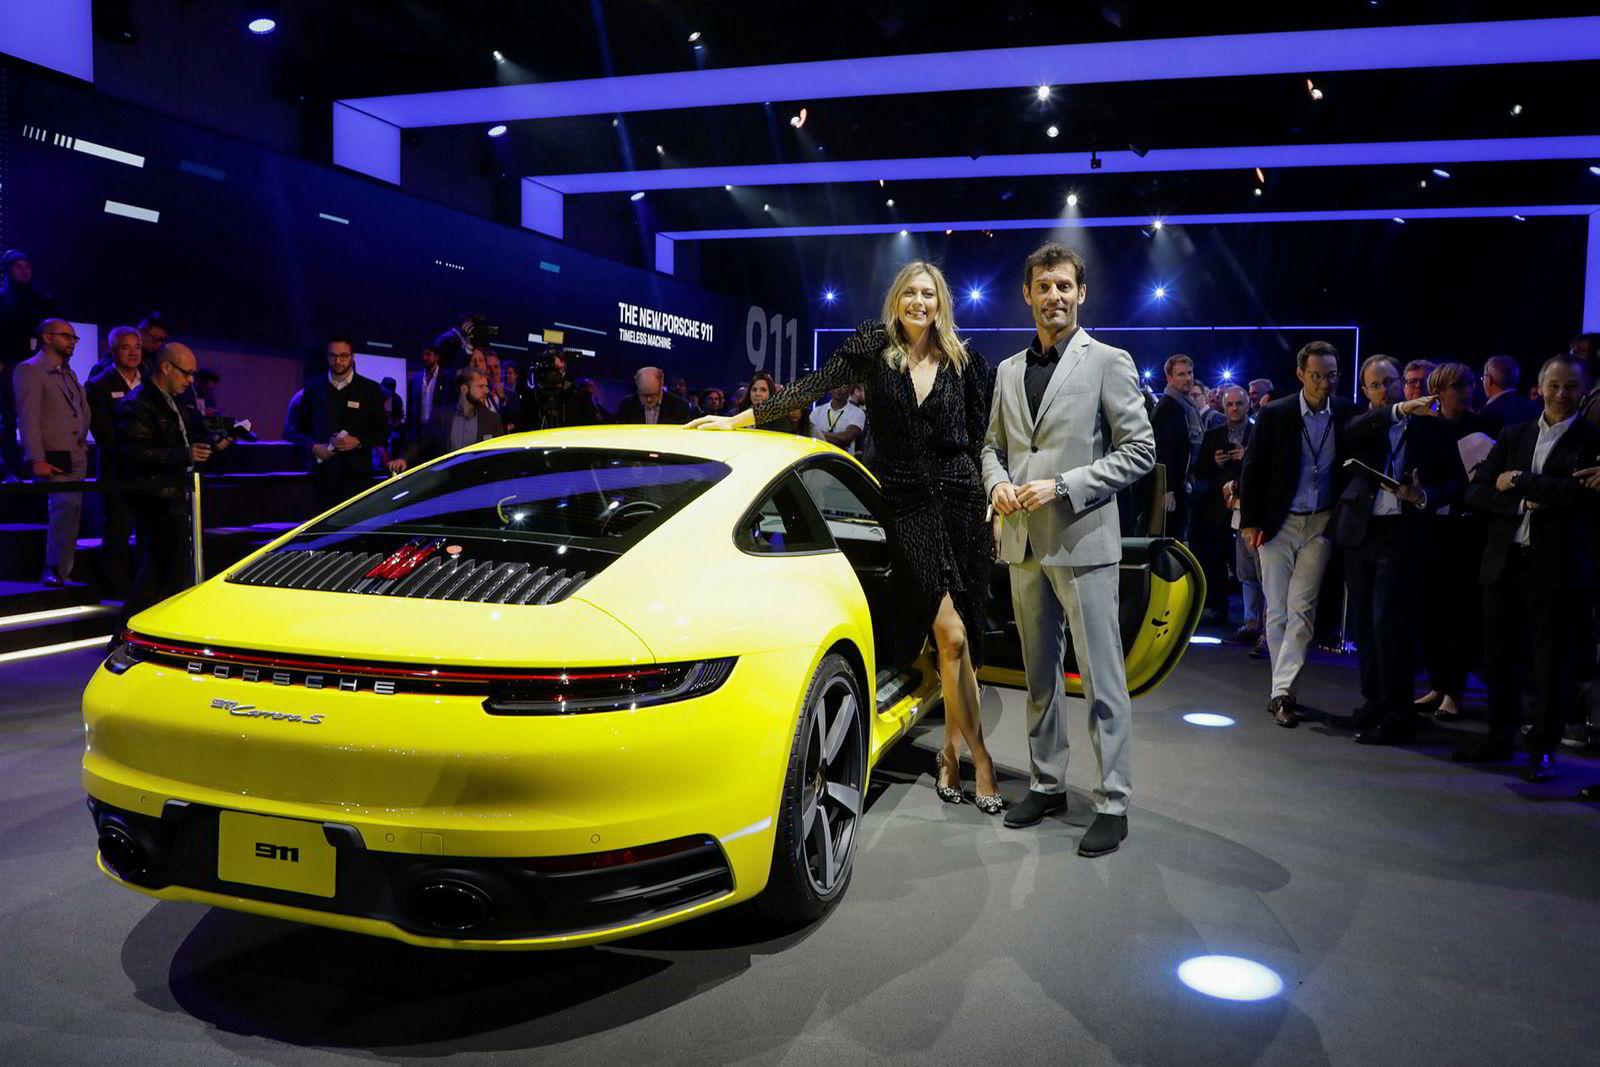 Tennisstjernen Marija Sjarapova og den tidligere formel-1-føreren Mark Webber deltok under avdukningen.